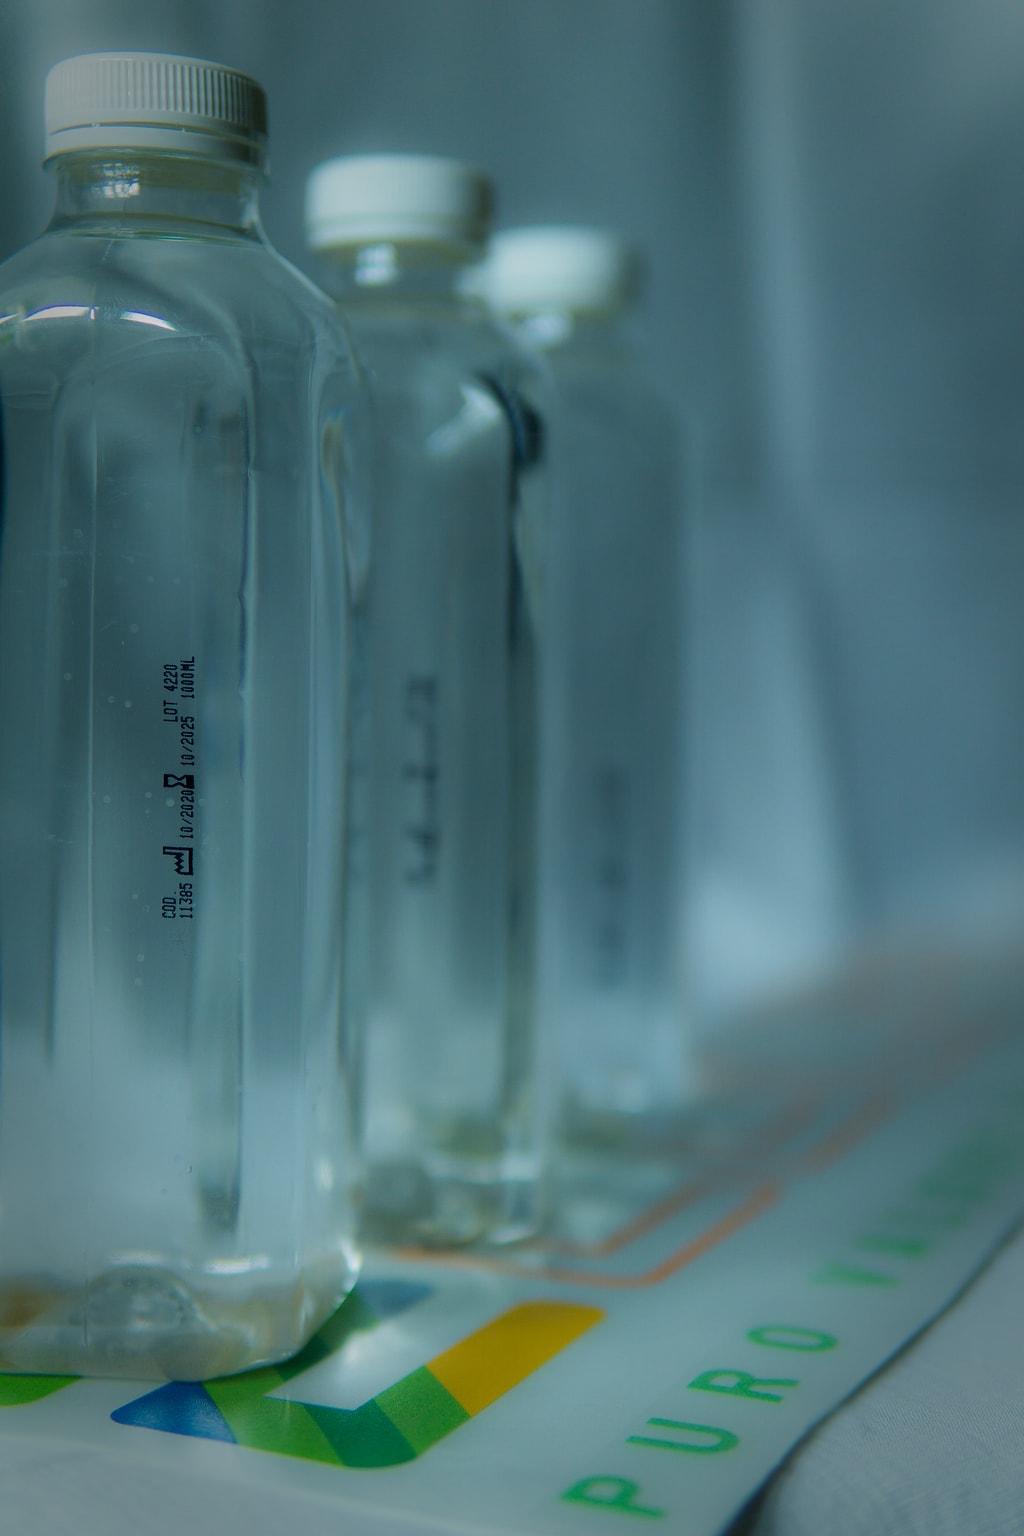 analisi acque 01